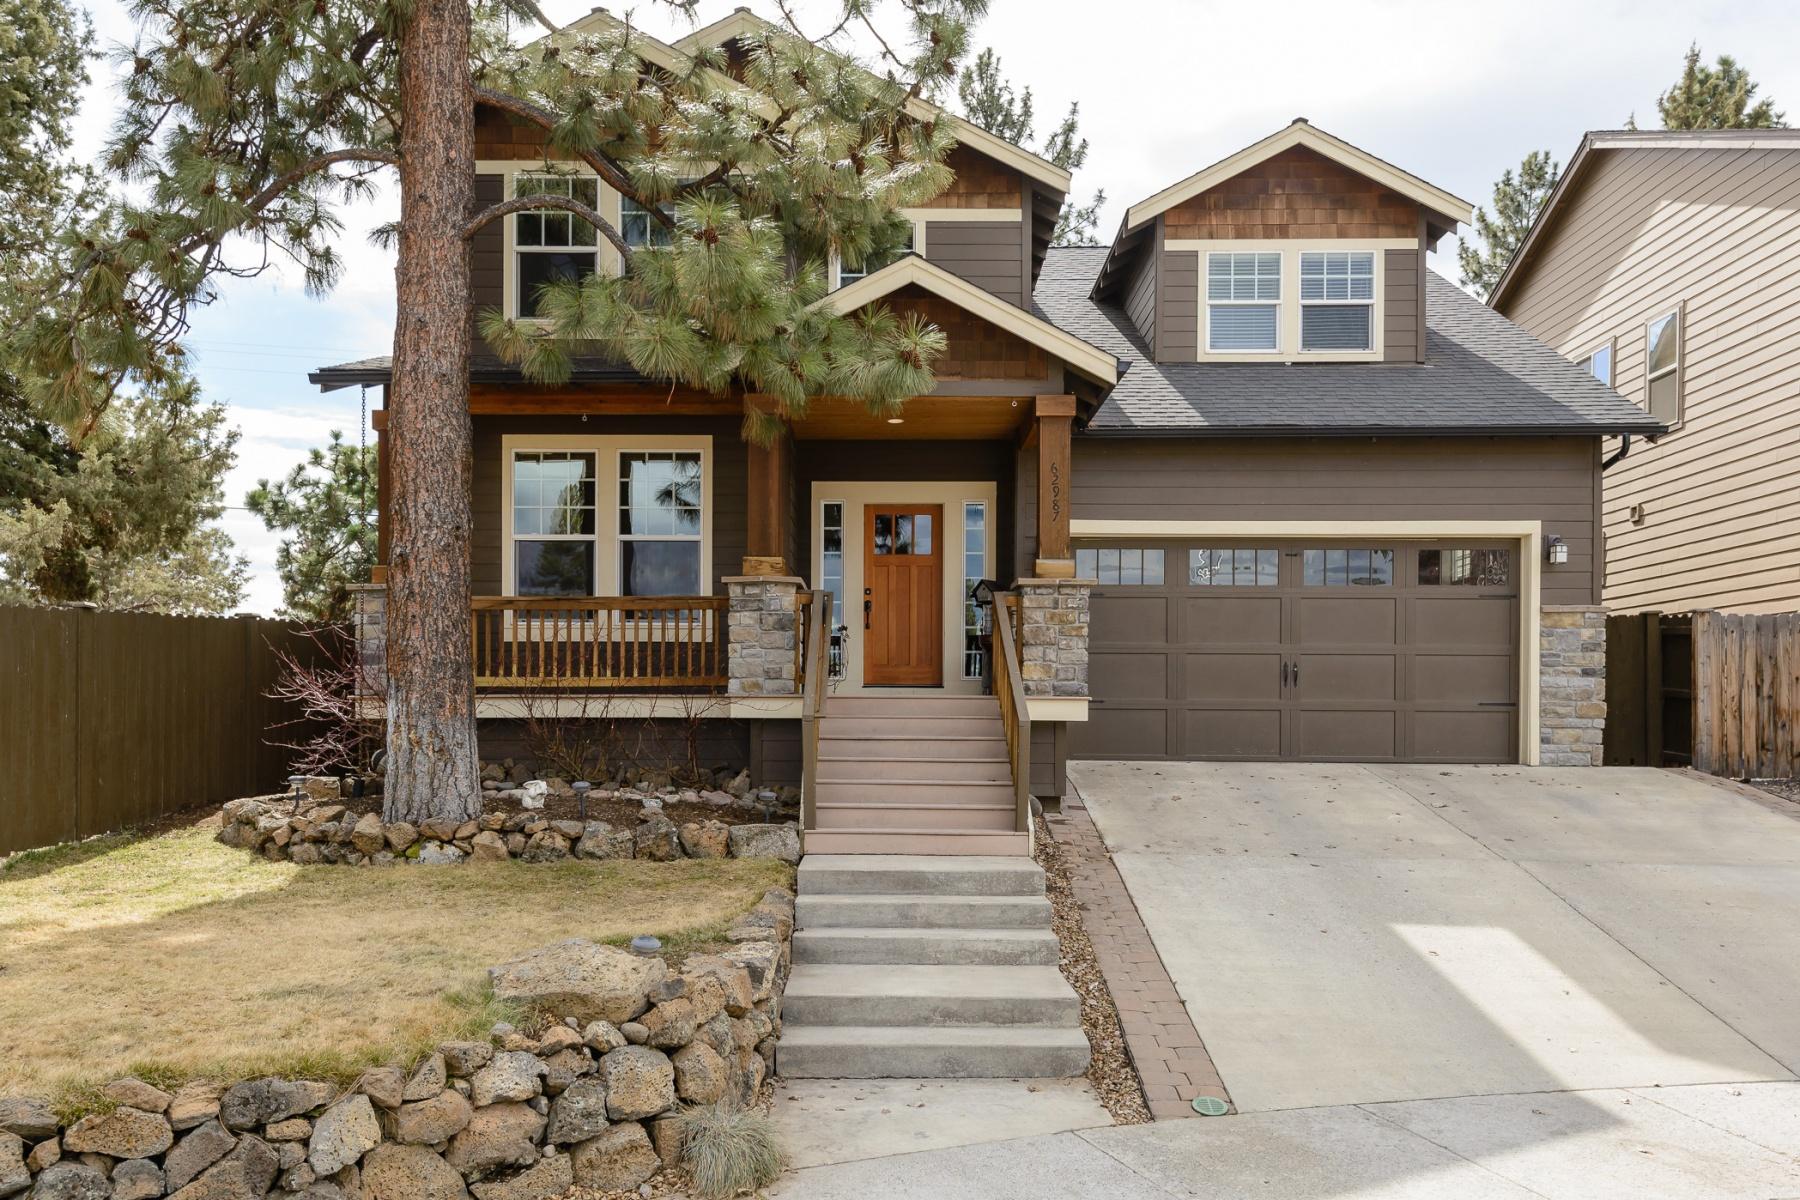 Maison unifamiliale pour l Vente à 62987 Fresca Street, BEND Bend, Oregon, 97703 États-Unis